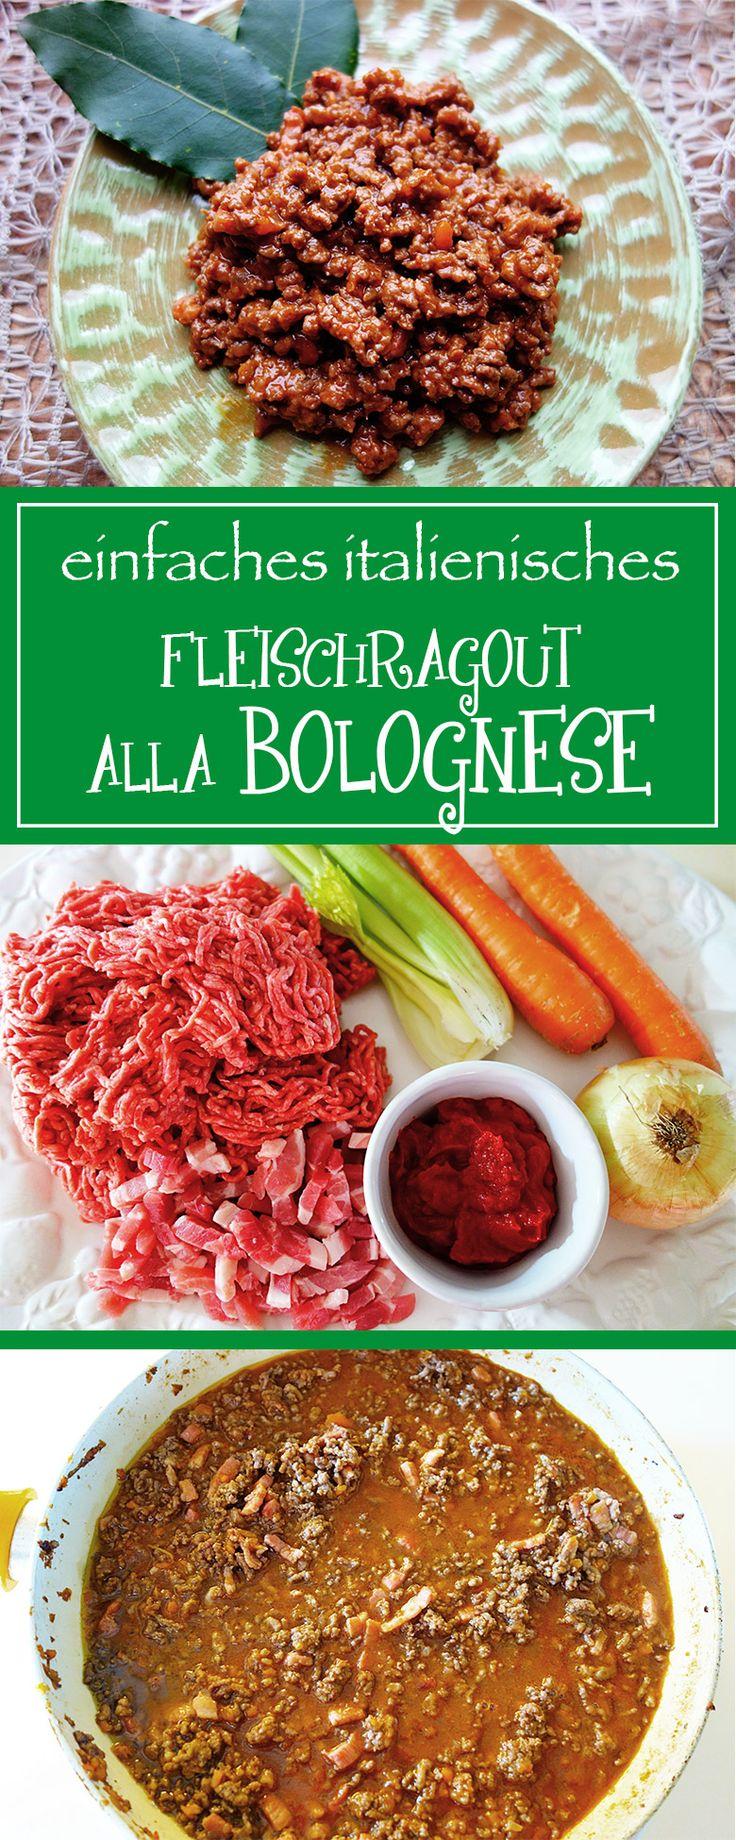 Fleischragout alla Bolognese - DAS perfekte Familienrezept! Hier findest du eine einfache & unwiderstehlich leckere Variante des italienischen Klassikers. ❤️ | cucina-con-amore.de